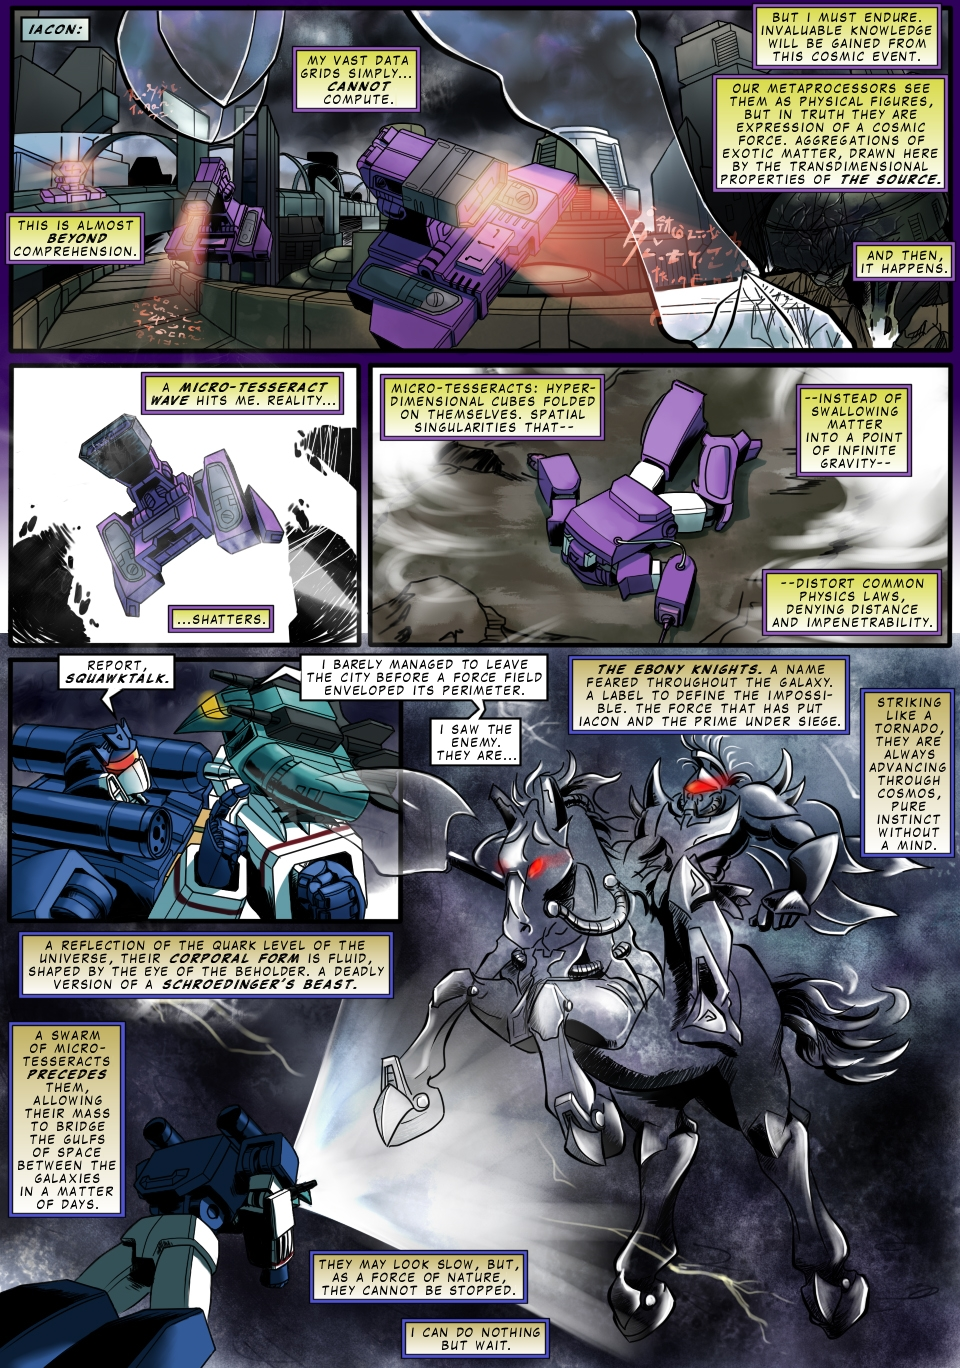 06 Shockwave Soundwave page 10